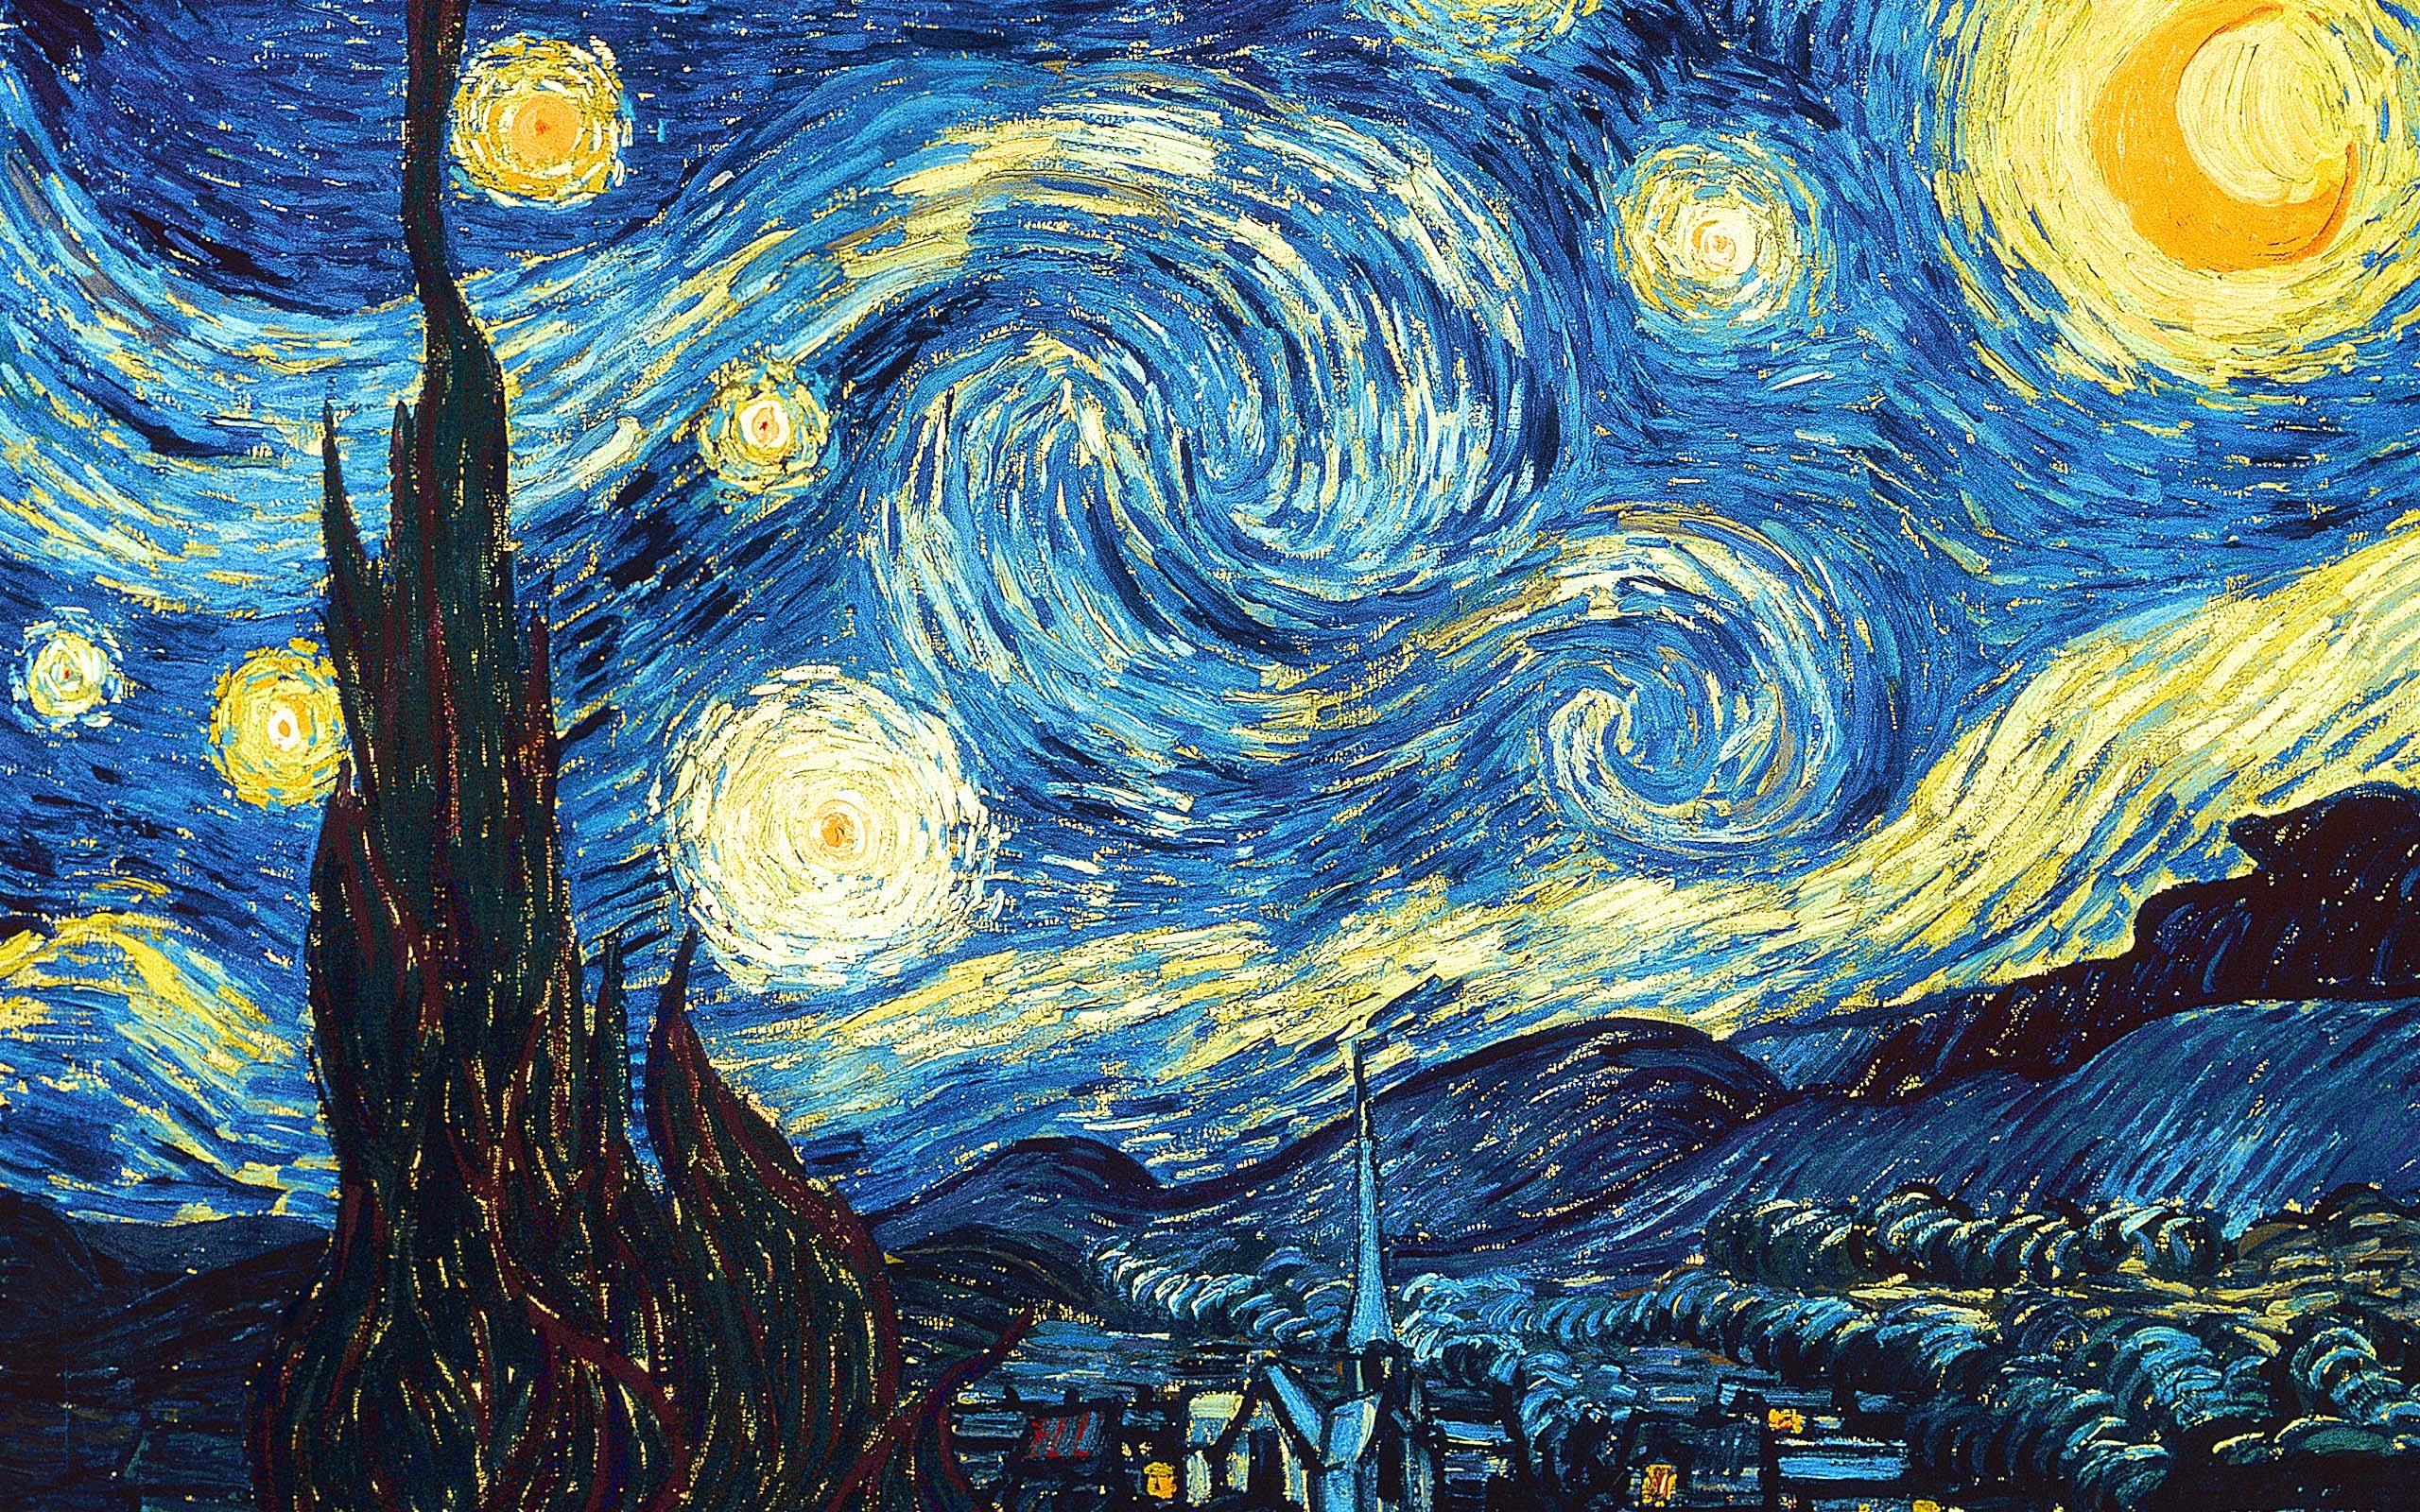 نقاشی شب پر ستاره ون گوگ